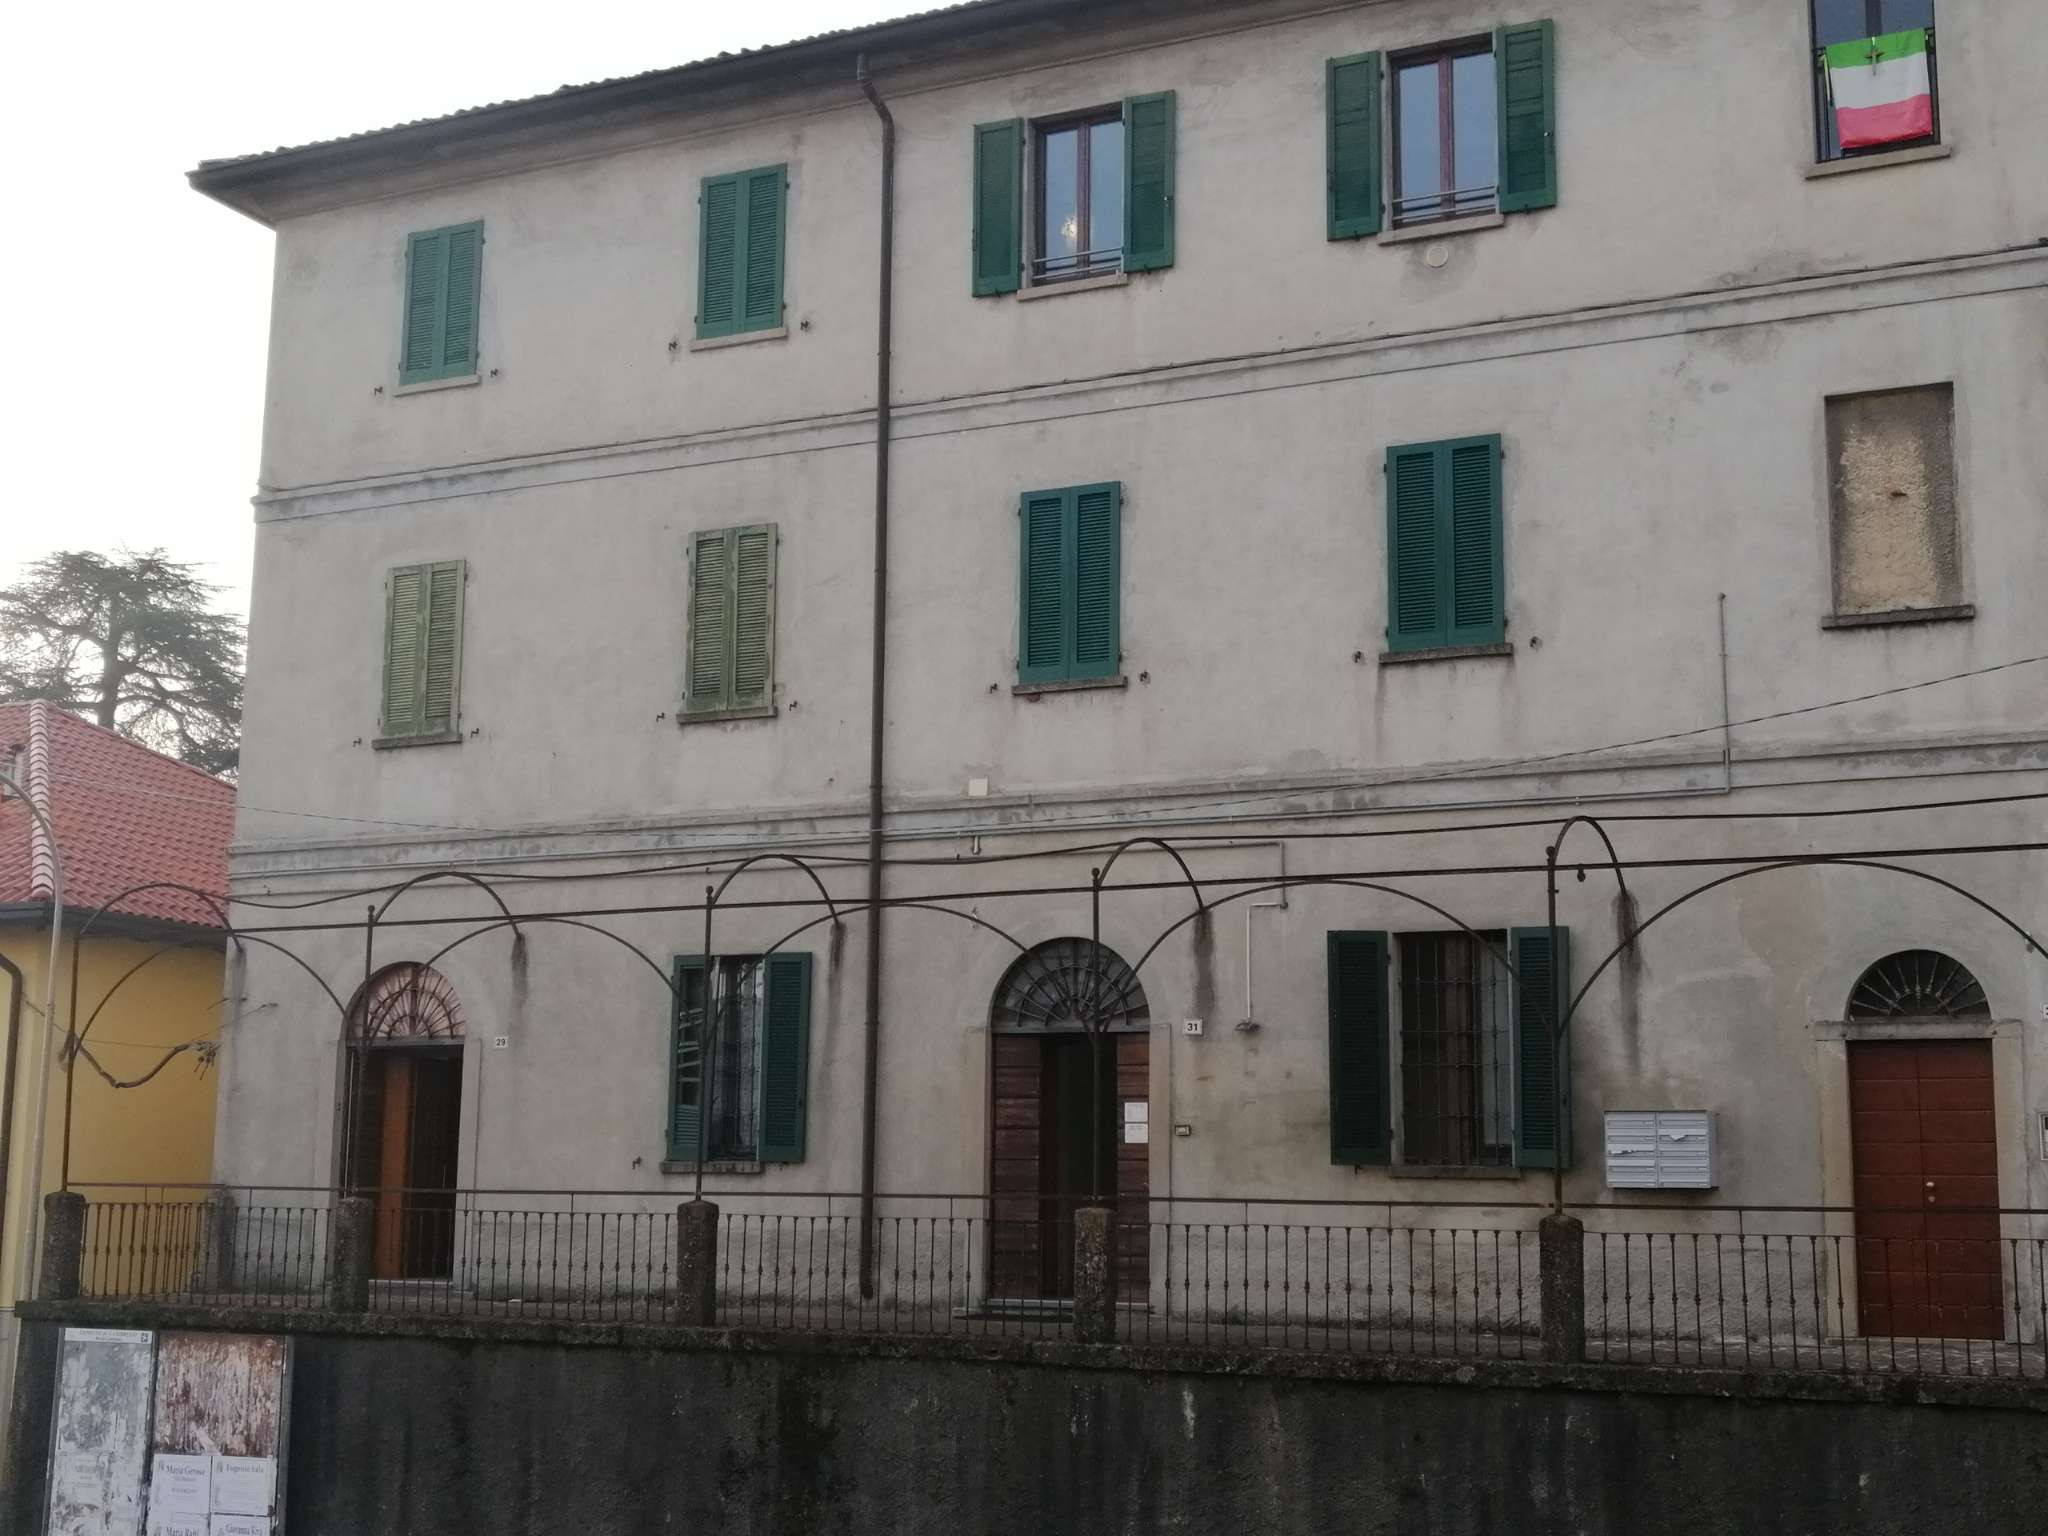 Appartamento in vendita a Lambrugo, 4 locali, prezzo € 85.000 | PortaleAgenzieImmobiliari.it